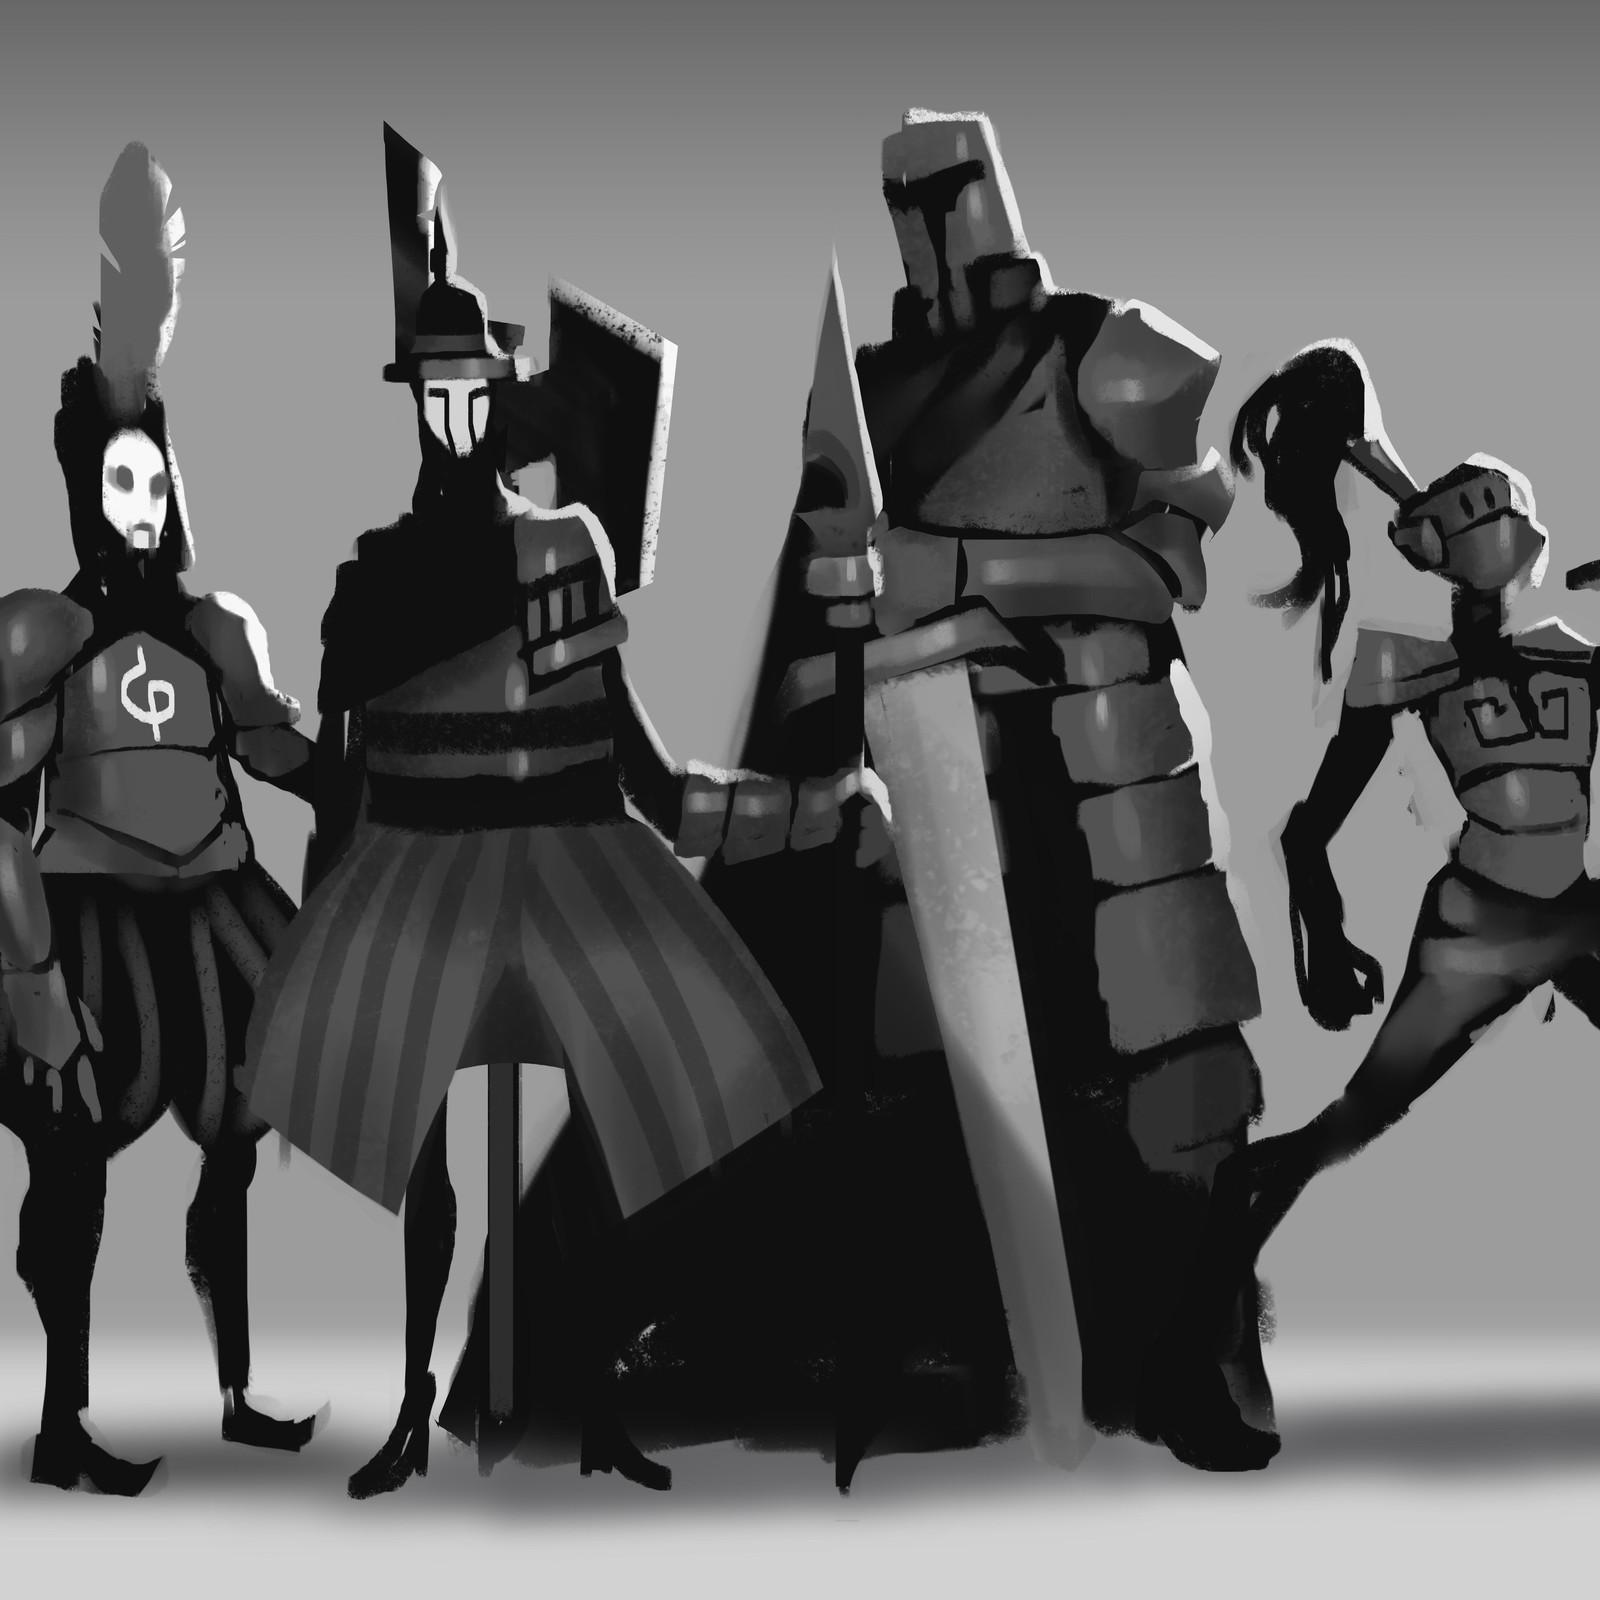 Armor Dudes